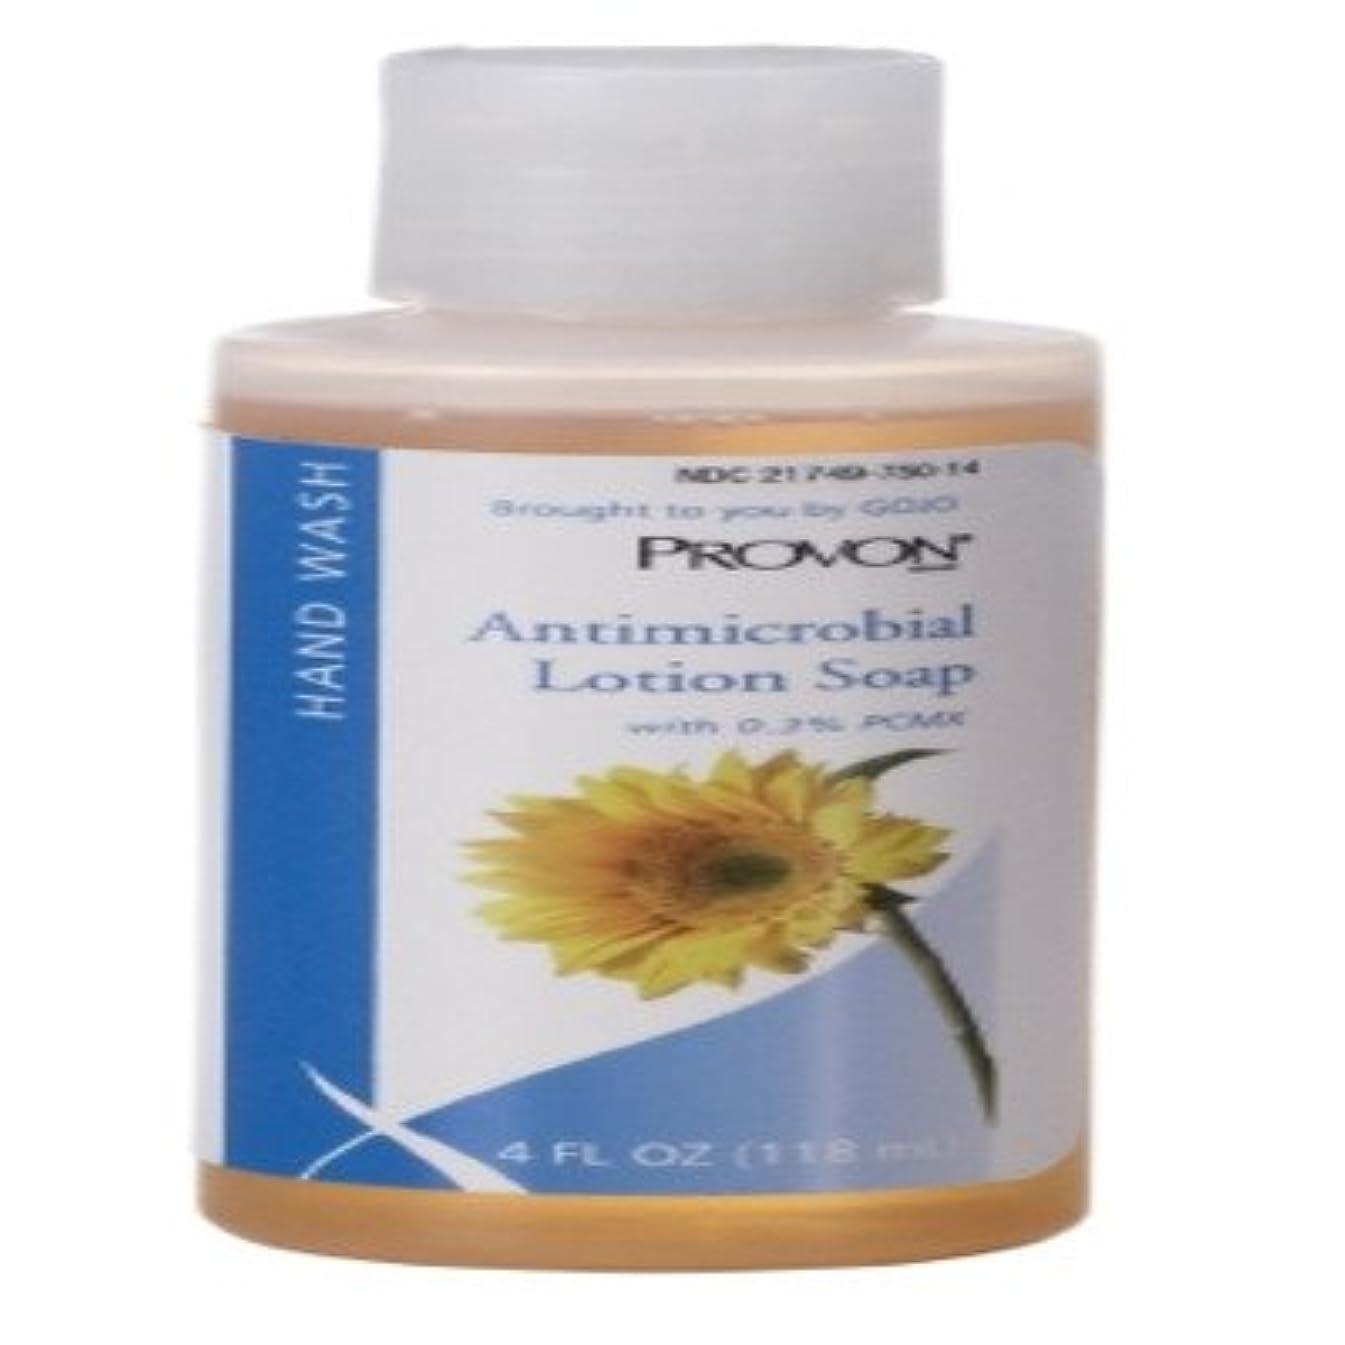 海外ぐるぐるコンバーチブルmck43011800 – 抗菌Soap ProvonローションボトルCitrus Scent